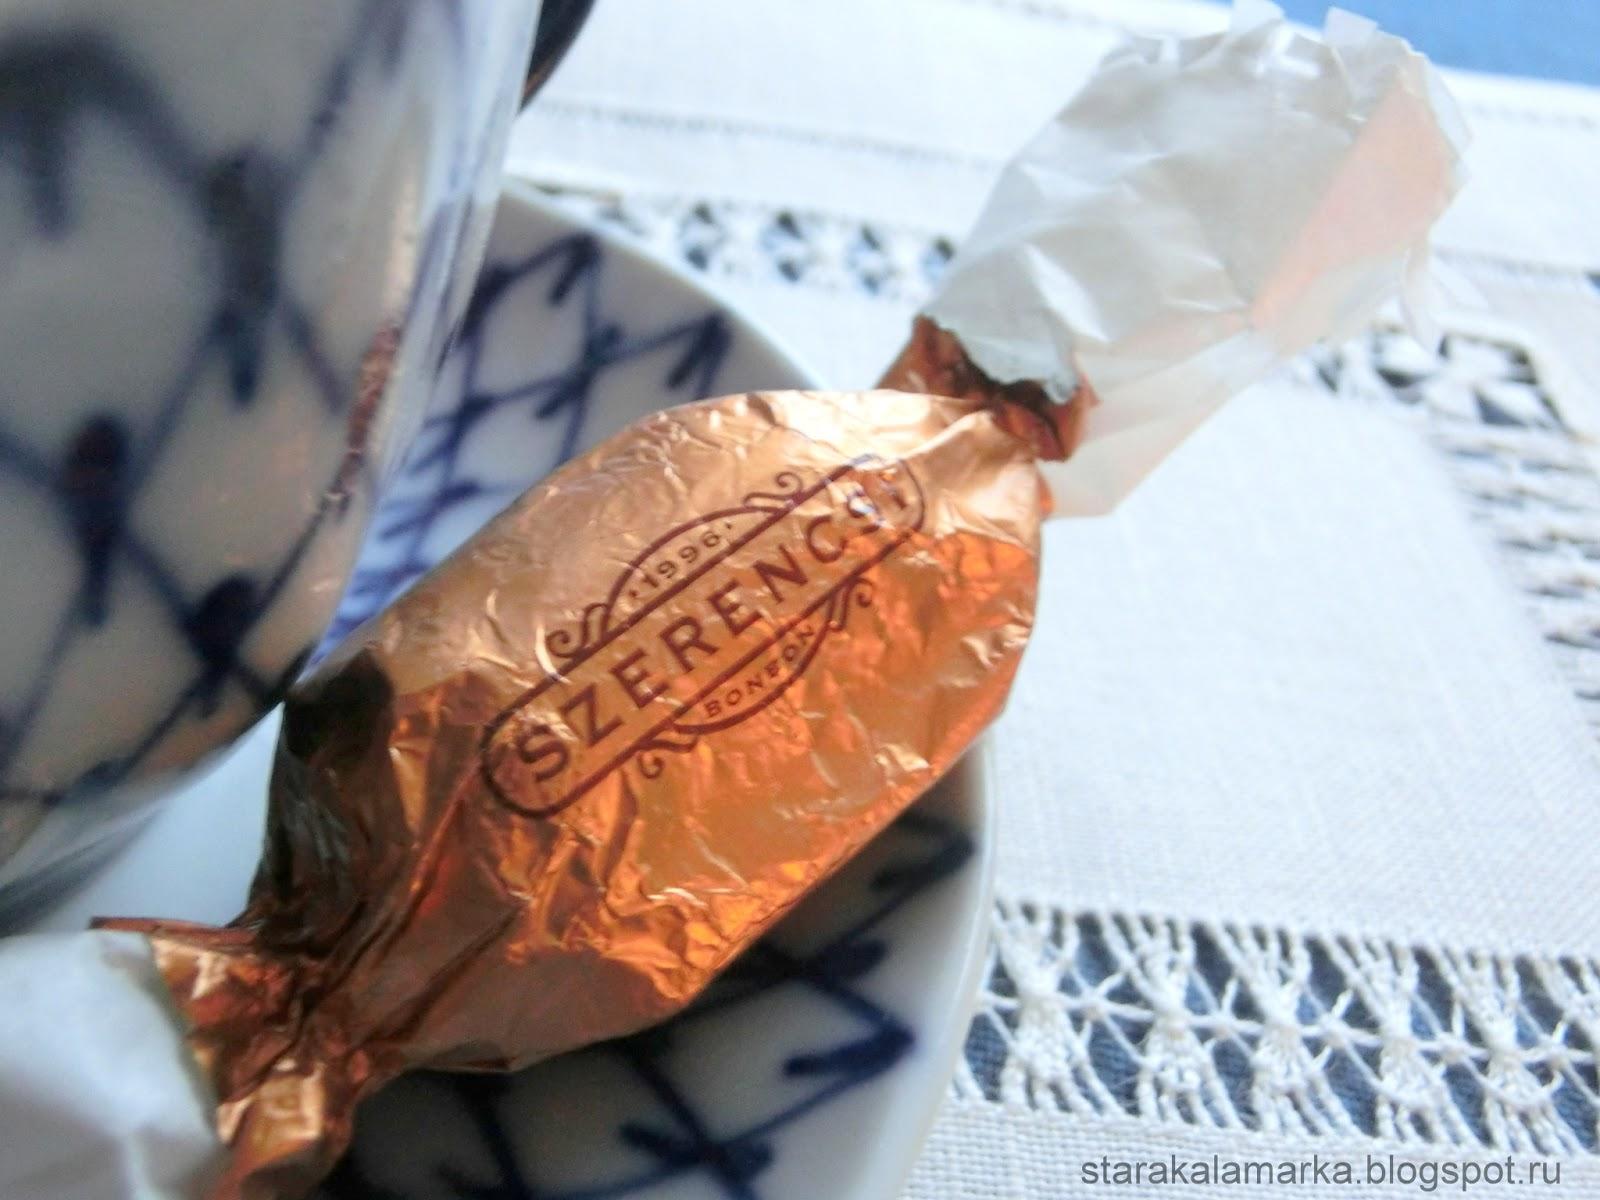 салонцукор, венгерские сладости